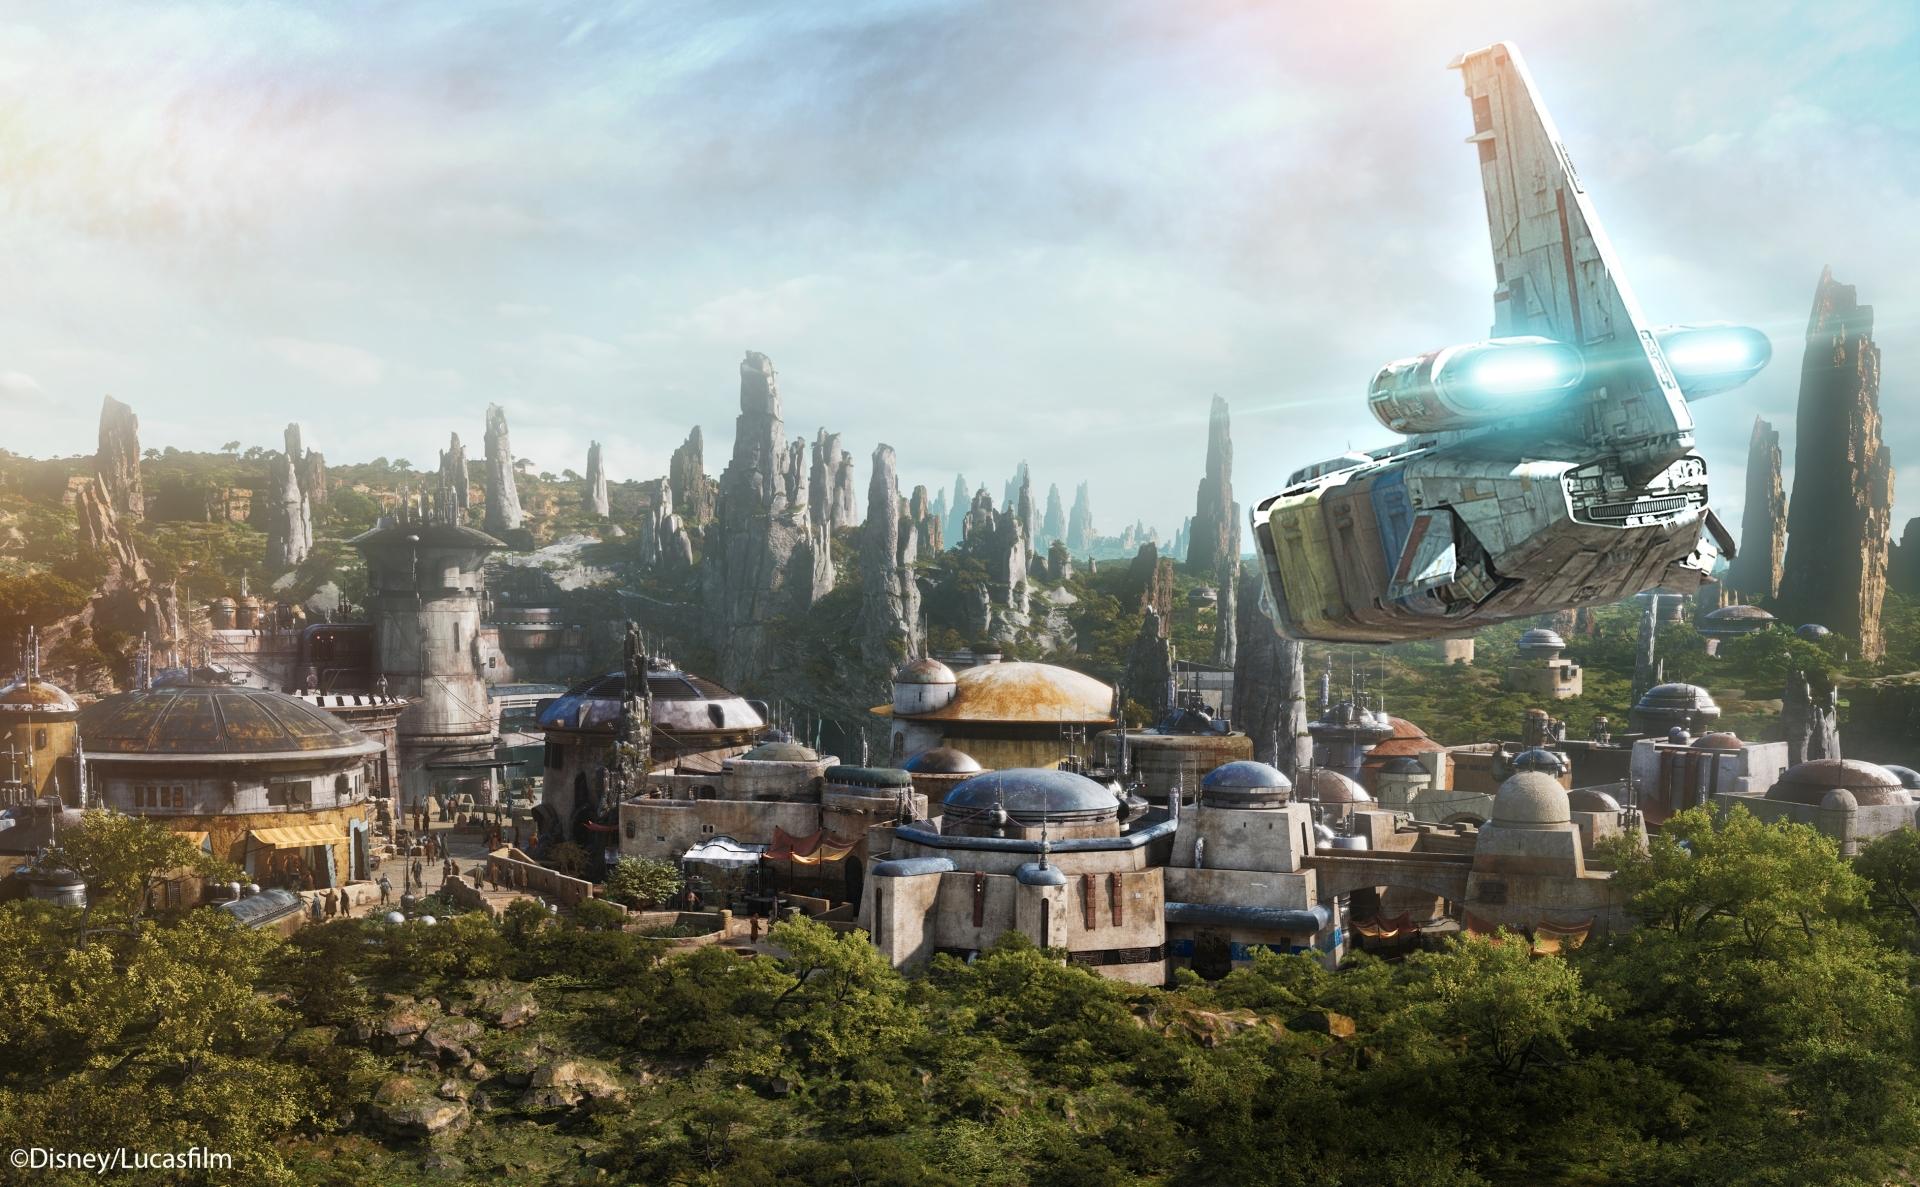 「スター・ツアーズ:ザ・アドベンチャーズ・コンティニュー」 イメージ (C)Disney/Lucasfilm Ltd.